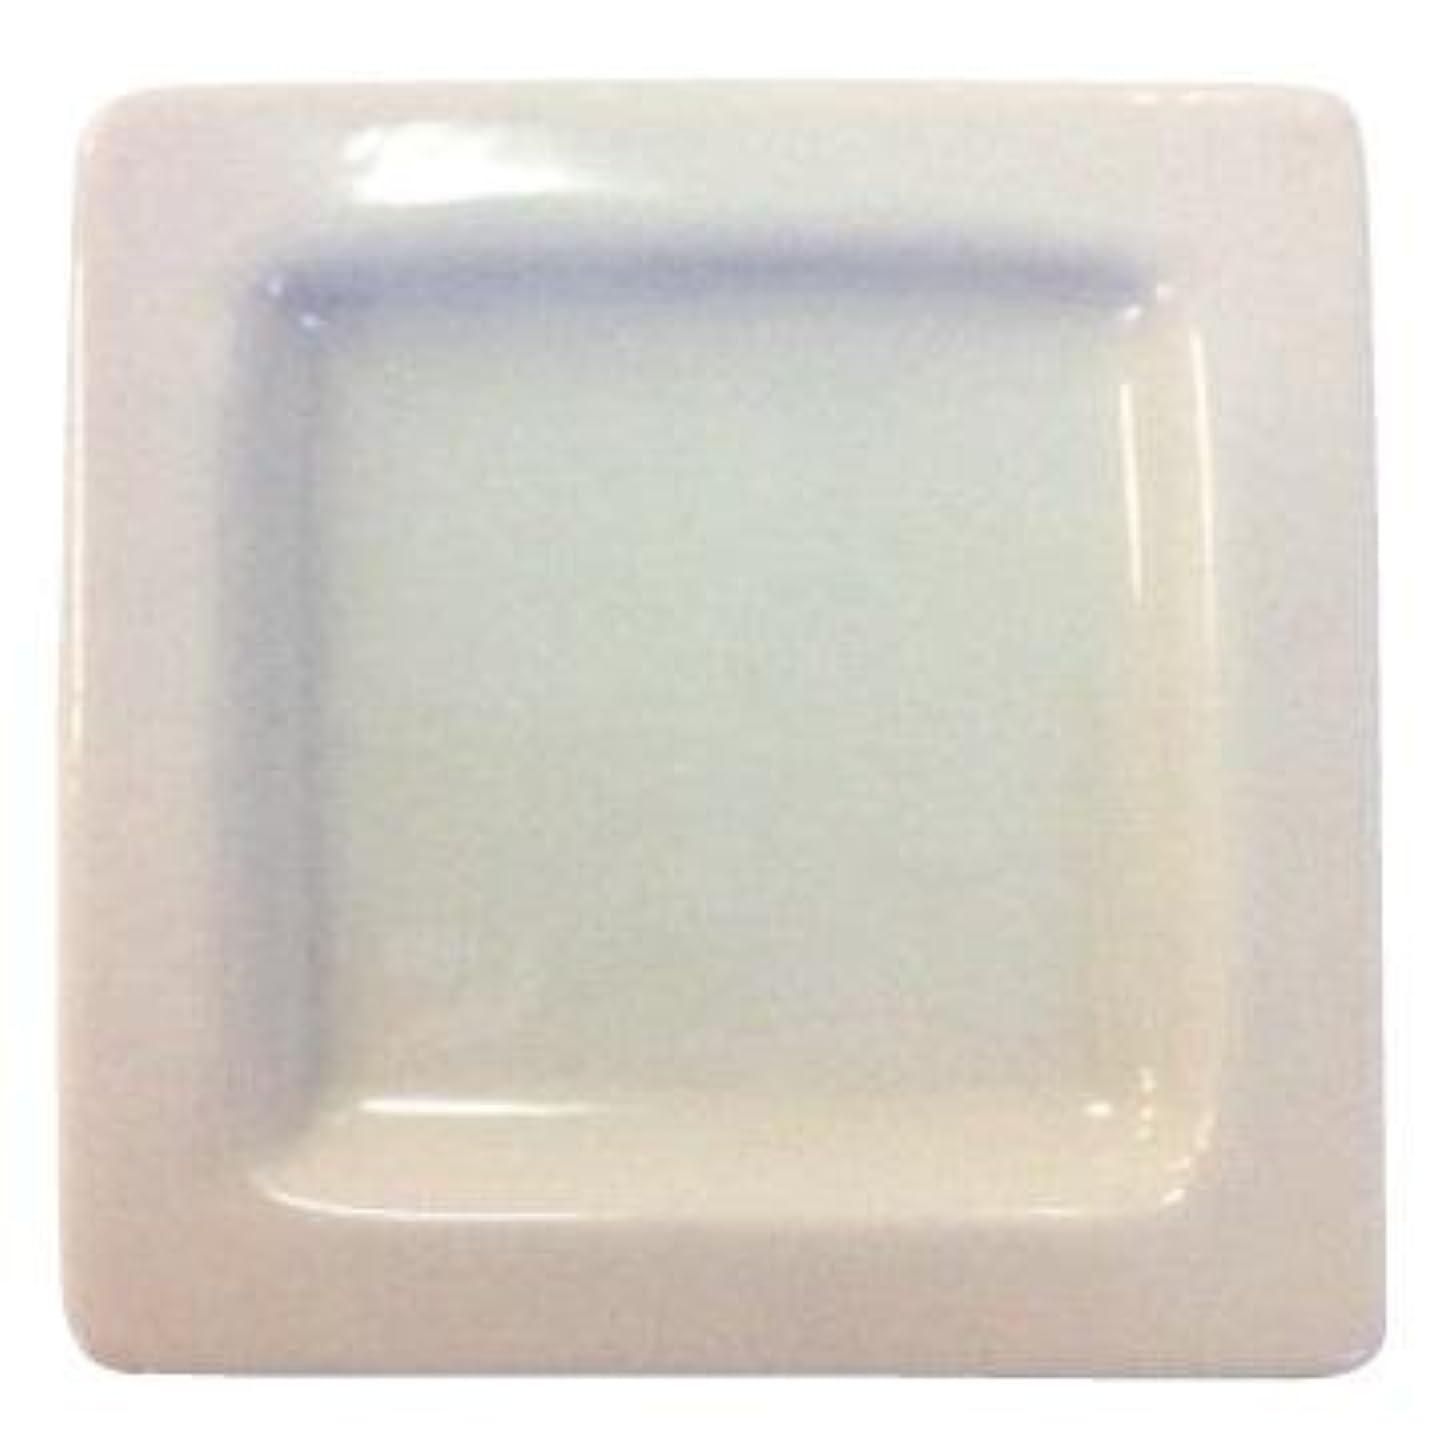 粗い配管工私たち自身生活の木 アロマランプL アイビー用精油皿(上皿)